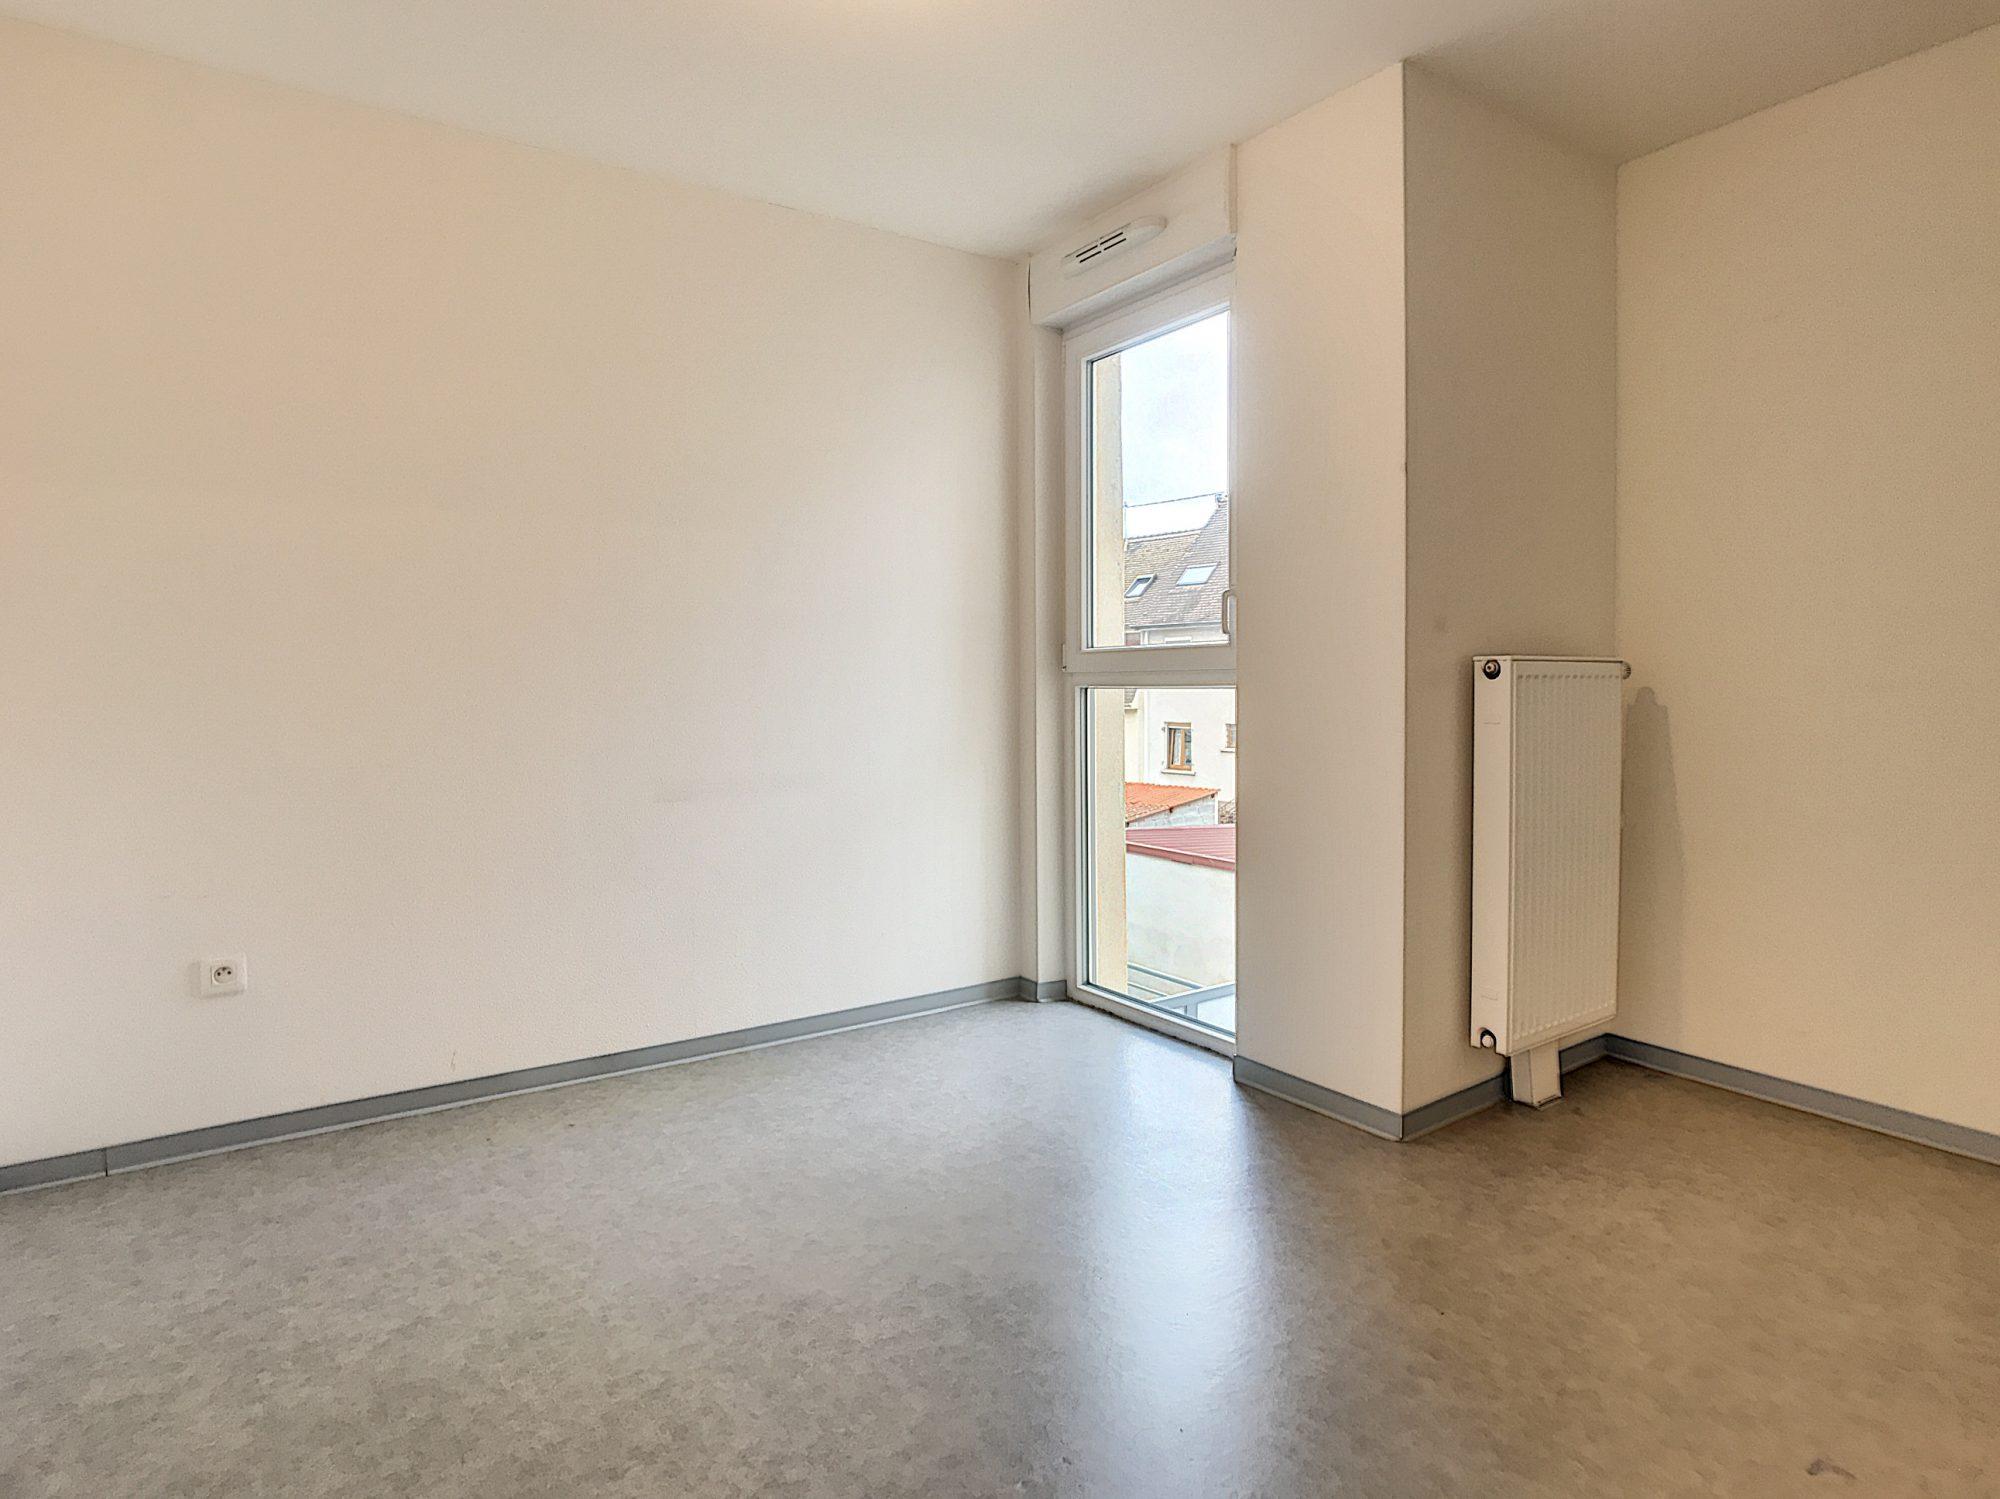 3 Pièces SCHILTIGHEIM + Terrasse - Devenez locataire en toute sérénité - Bintz Immobilier - 7